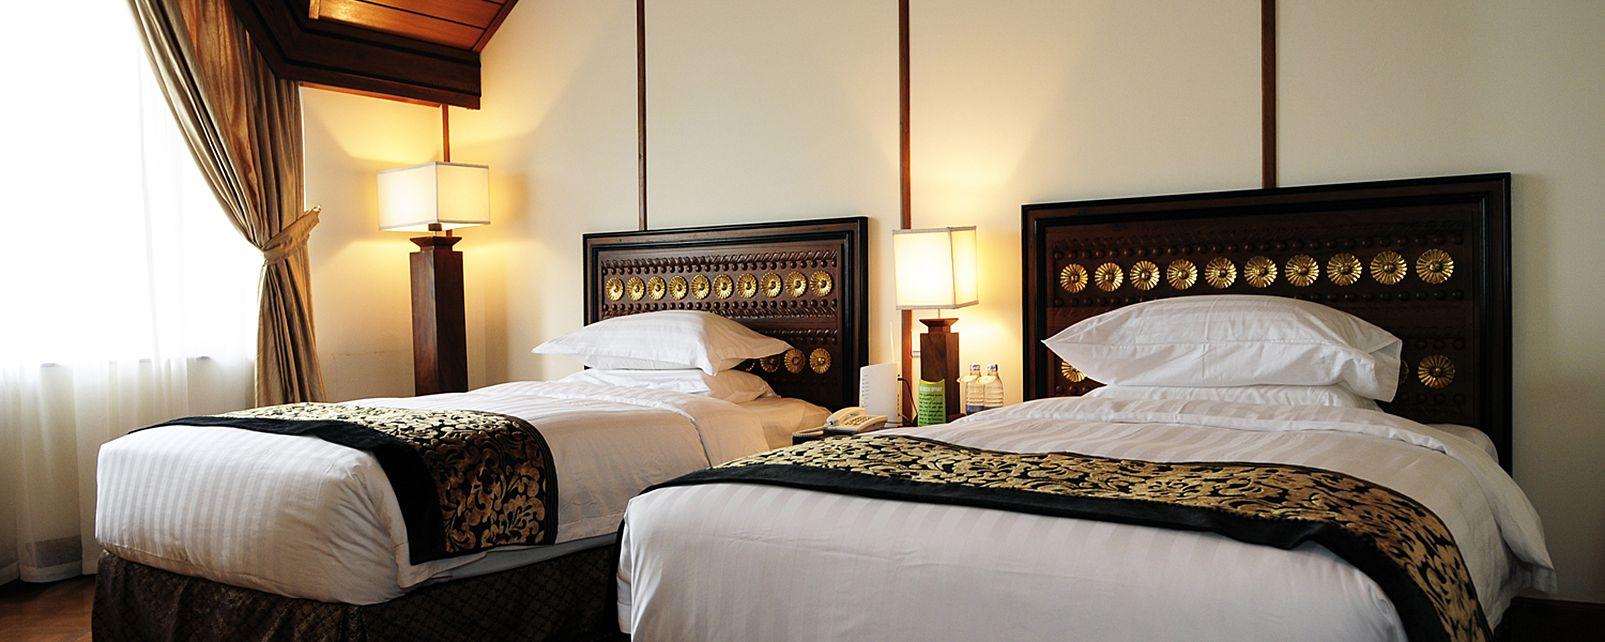 Hôtel Kandawgyi Palace Hotel Yangon